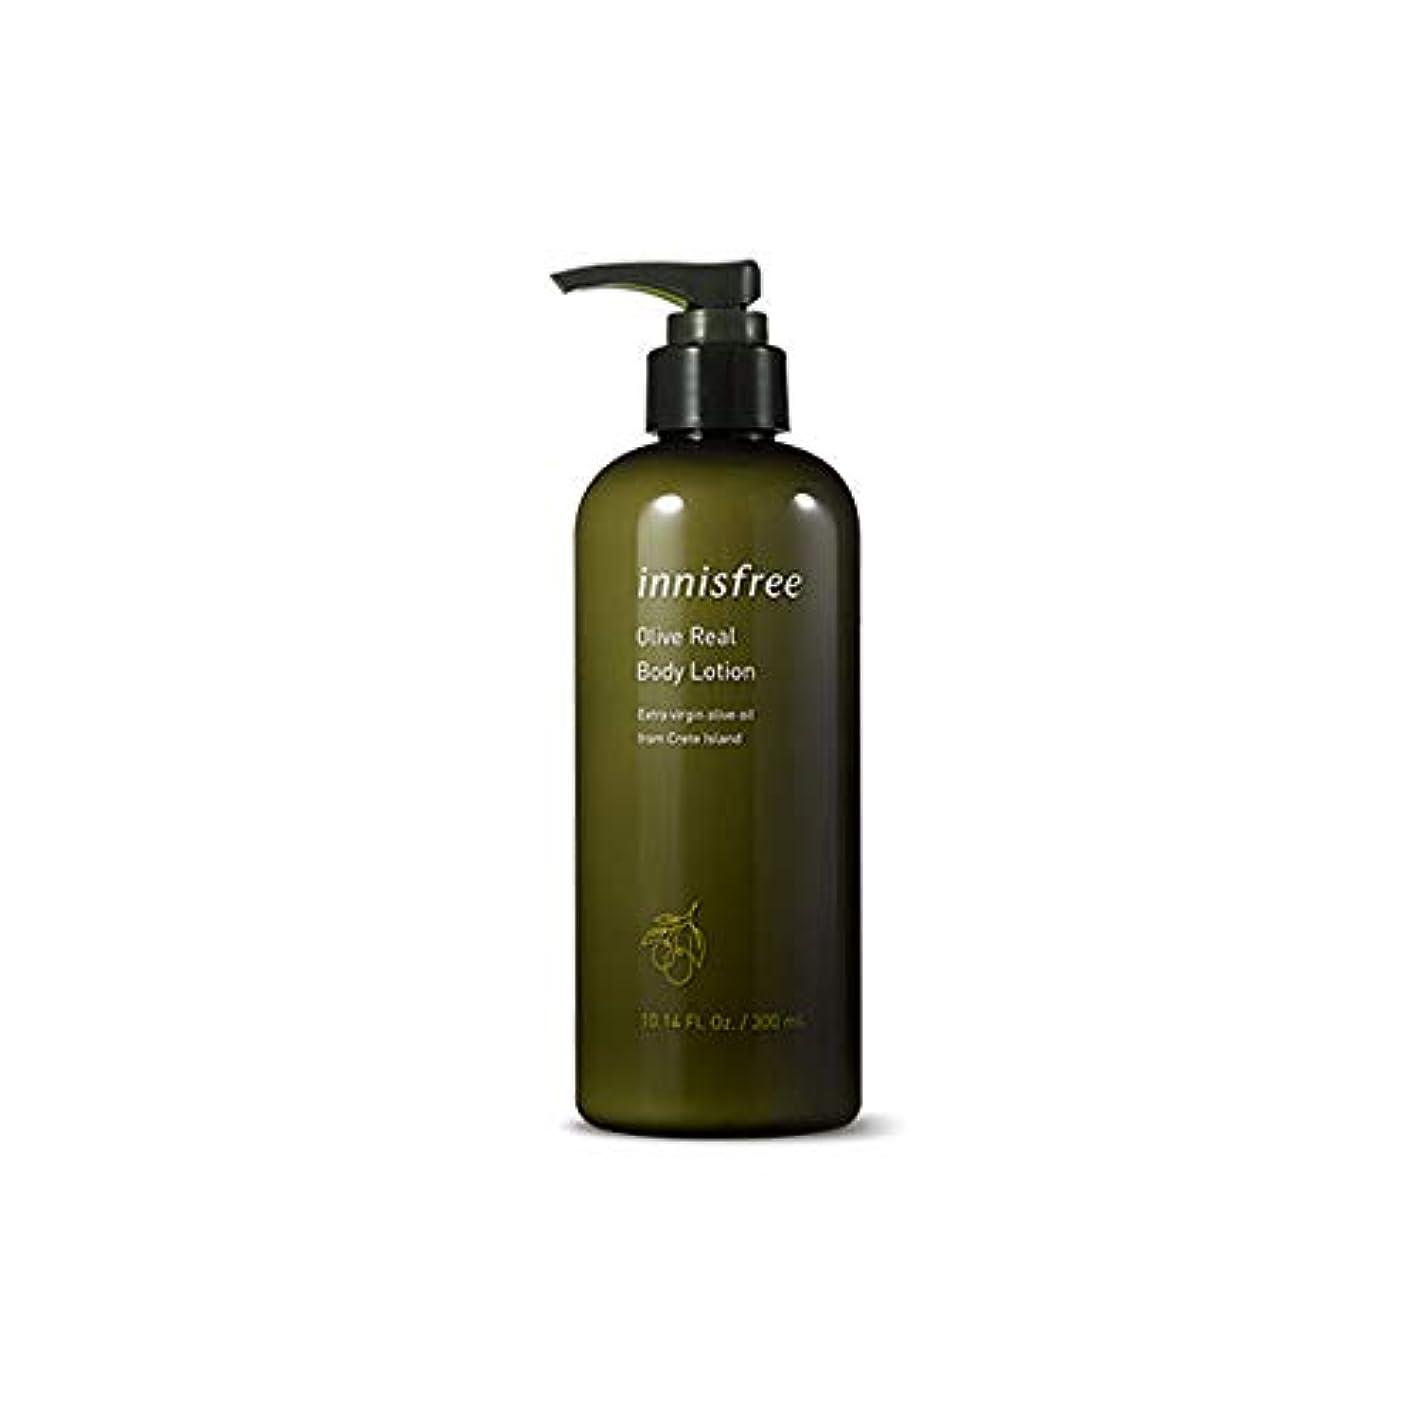 採用するコインランドリーすべてイニスフリー Innisfree オリーブリアル ボディーローション(300ml) Innisfree Olive Real Body Lotion(300ml) [海外直送品]